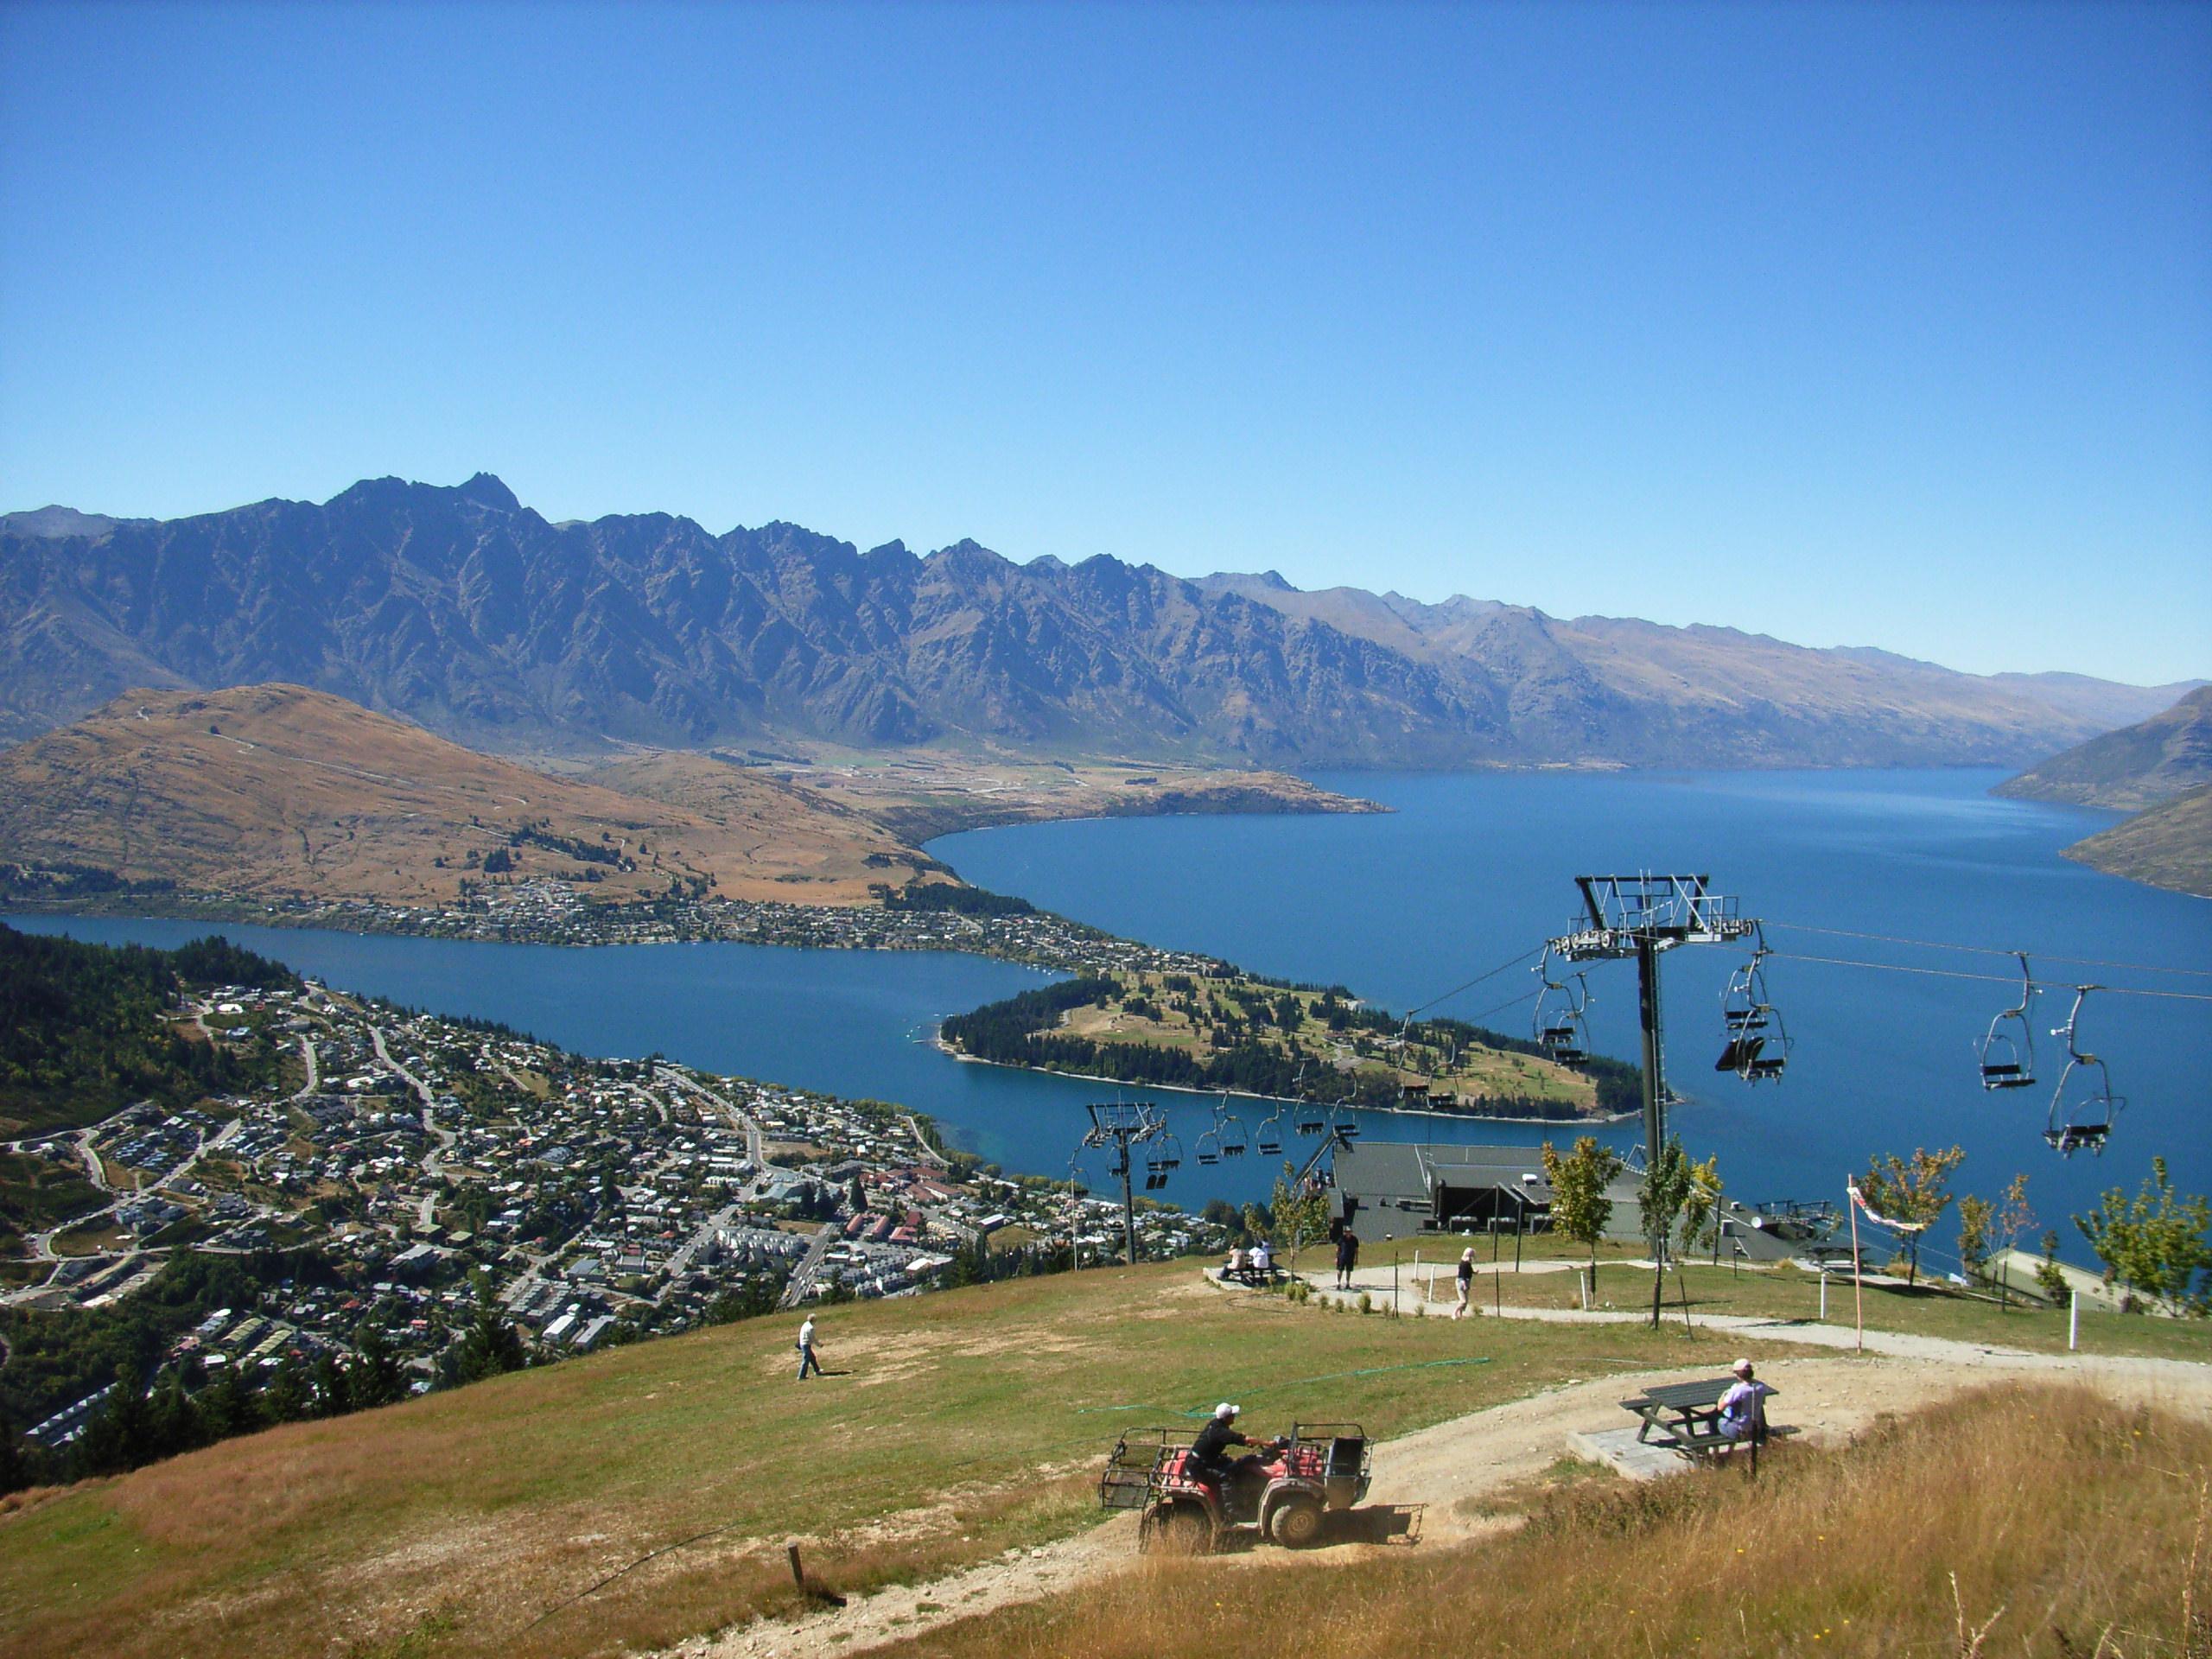 Nowa Zelandia Strzelanina Wikipedia: Tara: Noua Zeelanda